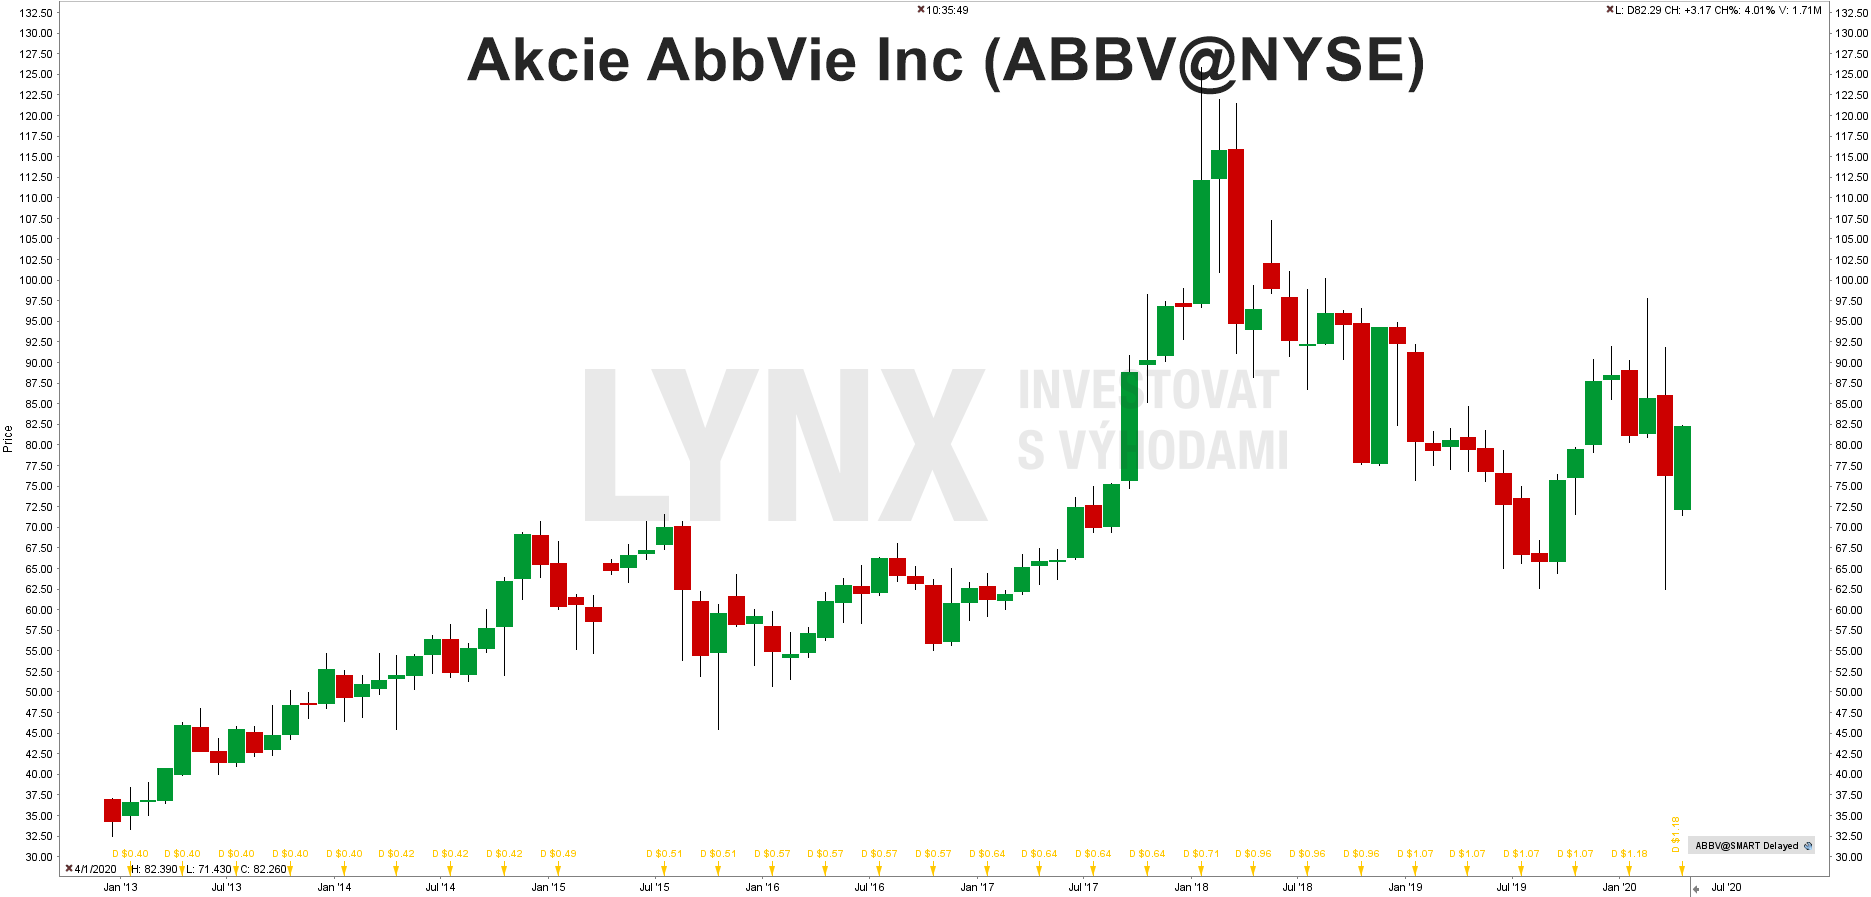 Graf akcie AbbVie